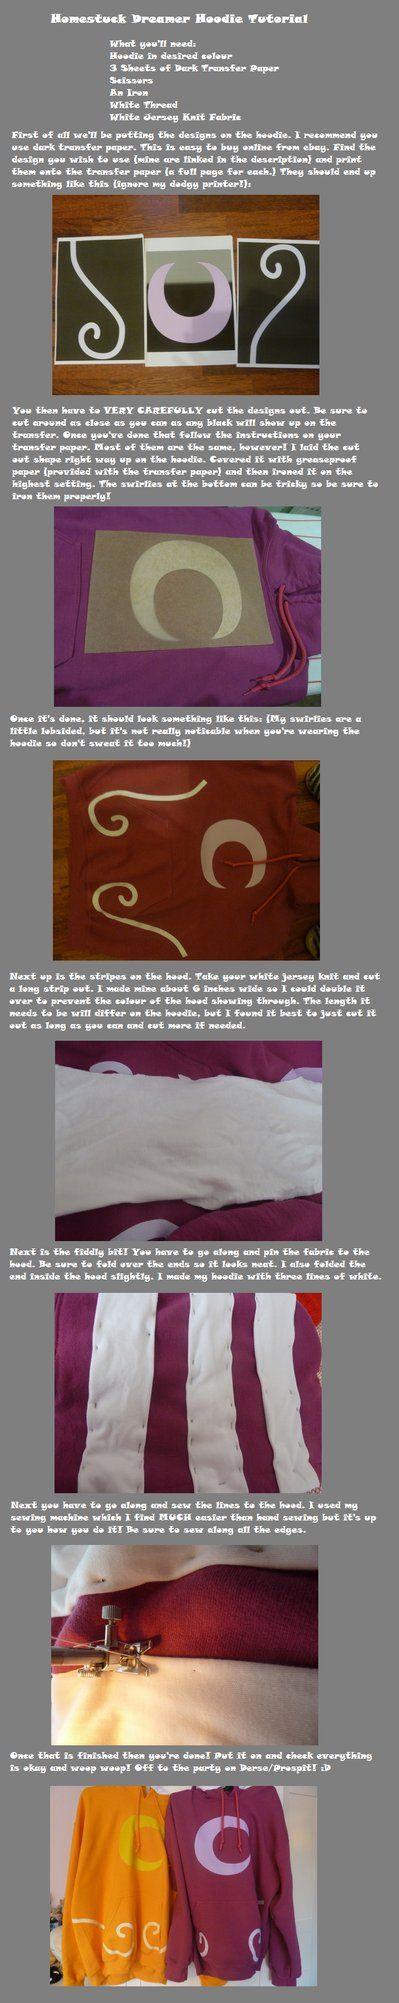 Homestuck Dreamer Hoodie DIY, SO AWESOME! :D